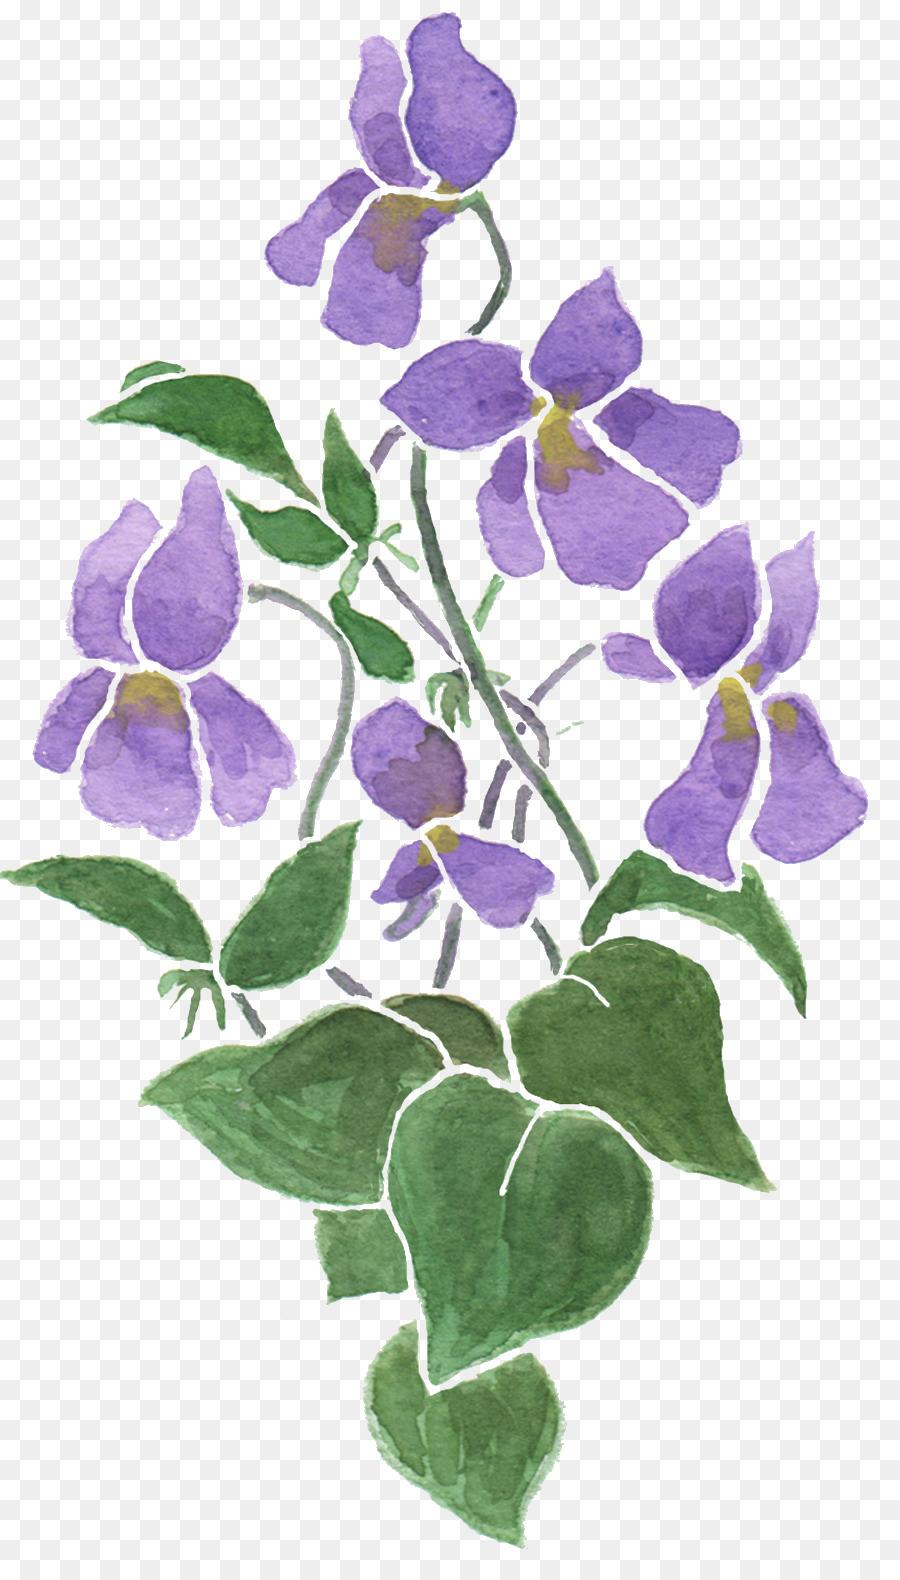 Cloth Napkins Sweet Violet Flower Drawing Violet Png Download